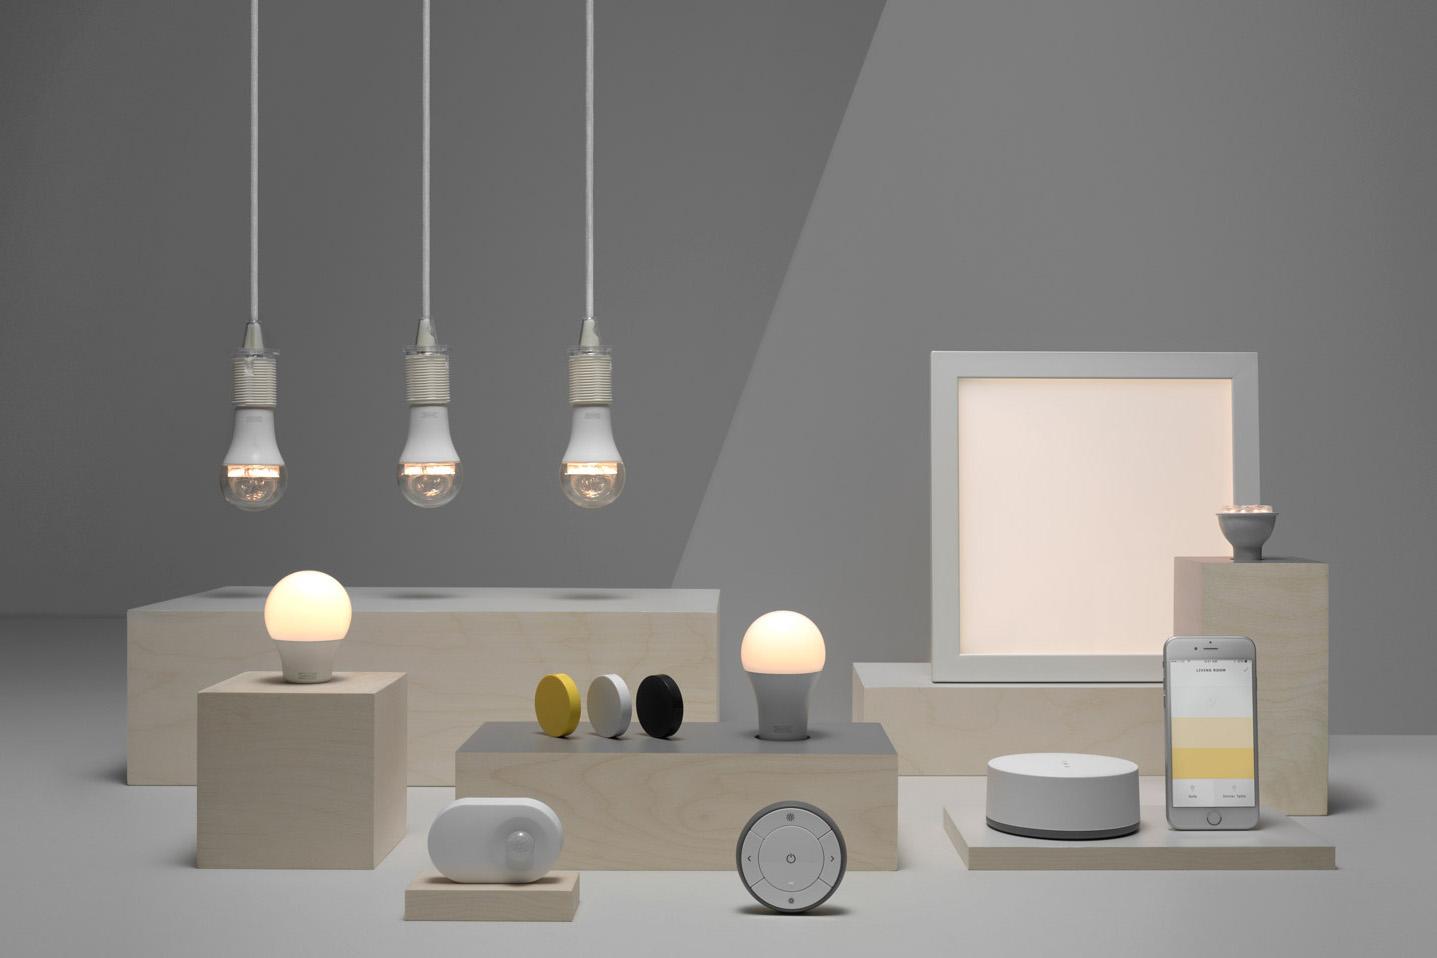 ikea-smart-lights-design-lighting-lamps_dezeen_hero.jpg